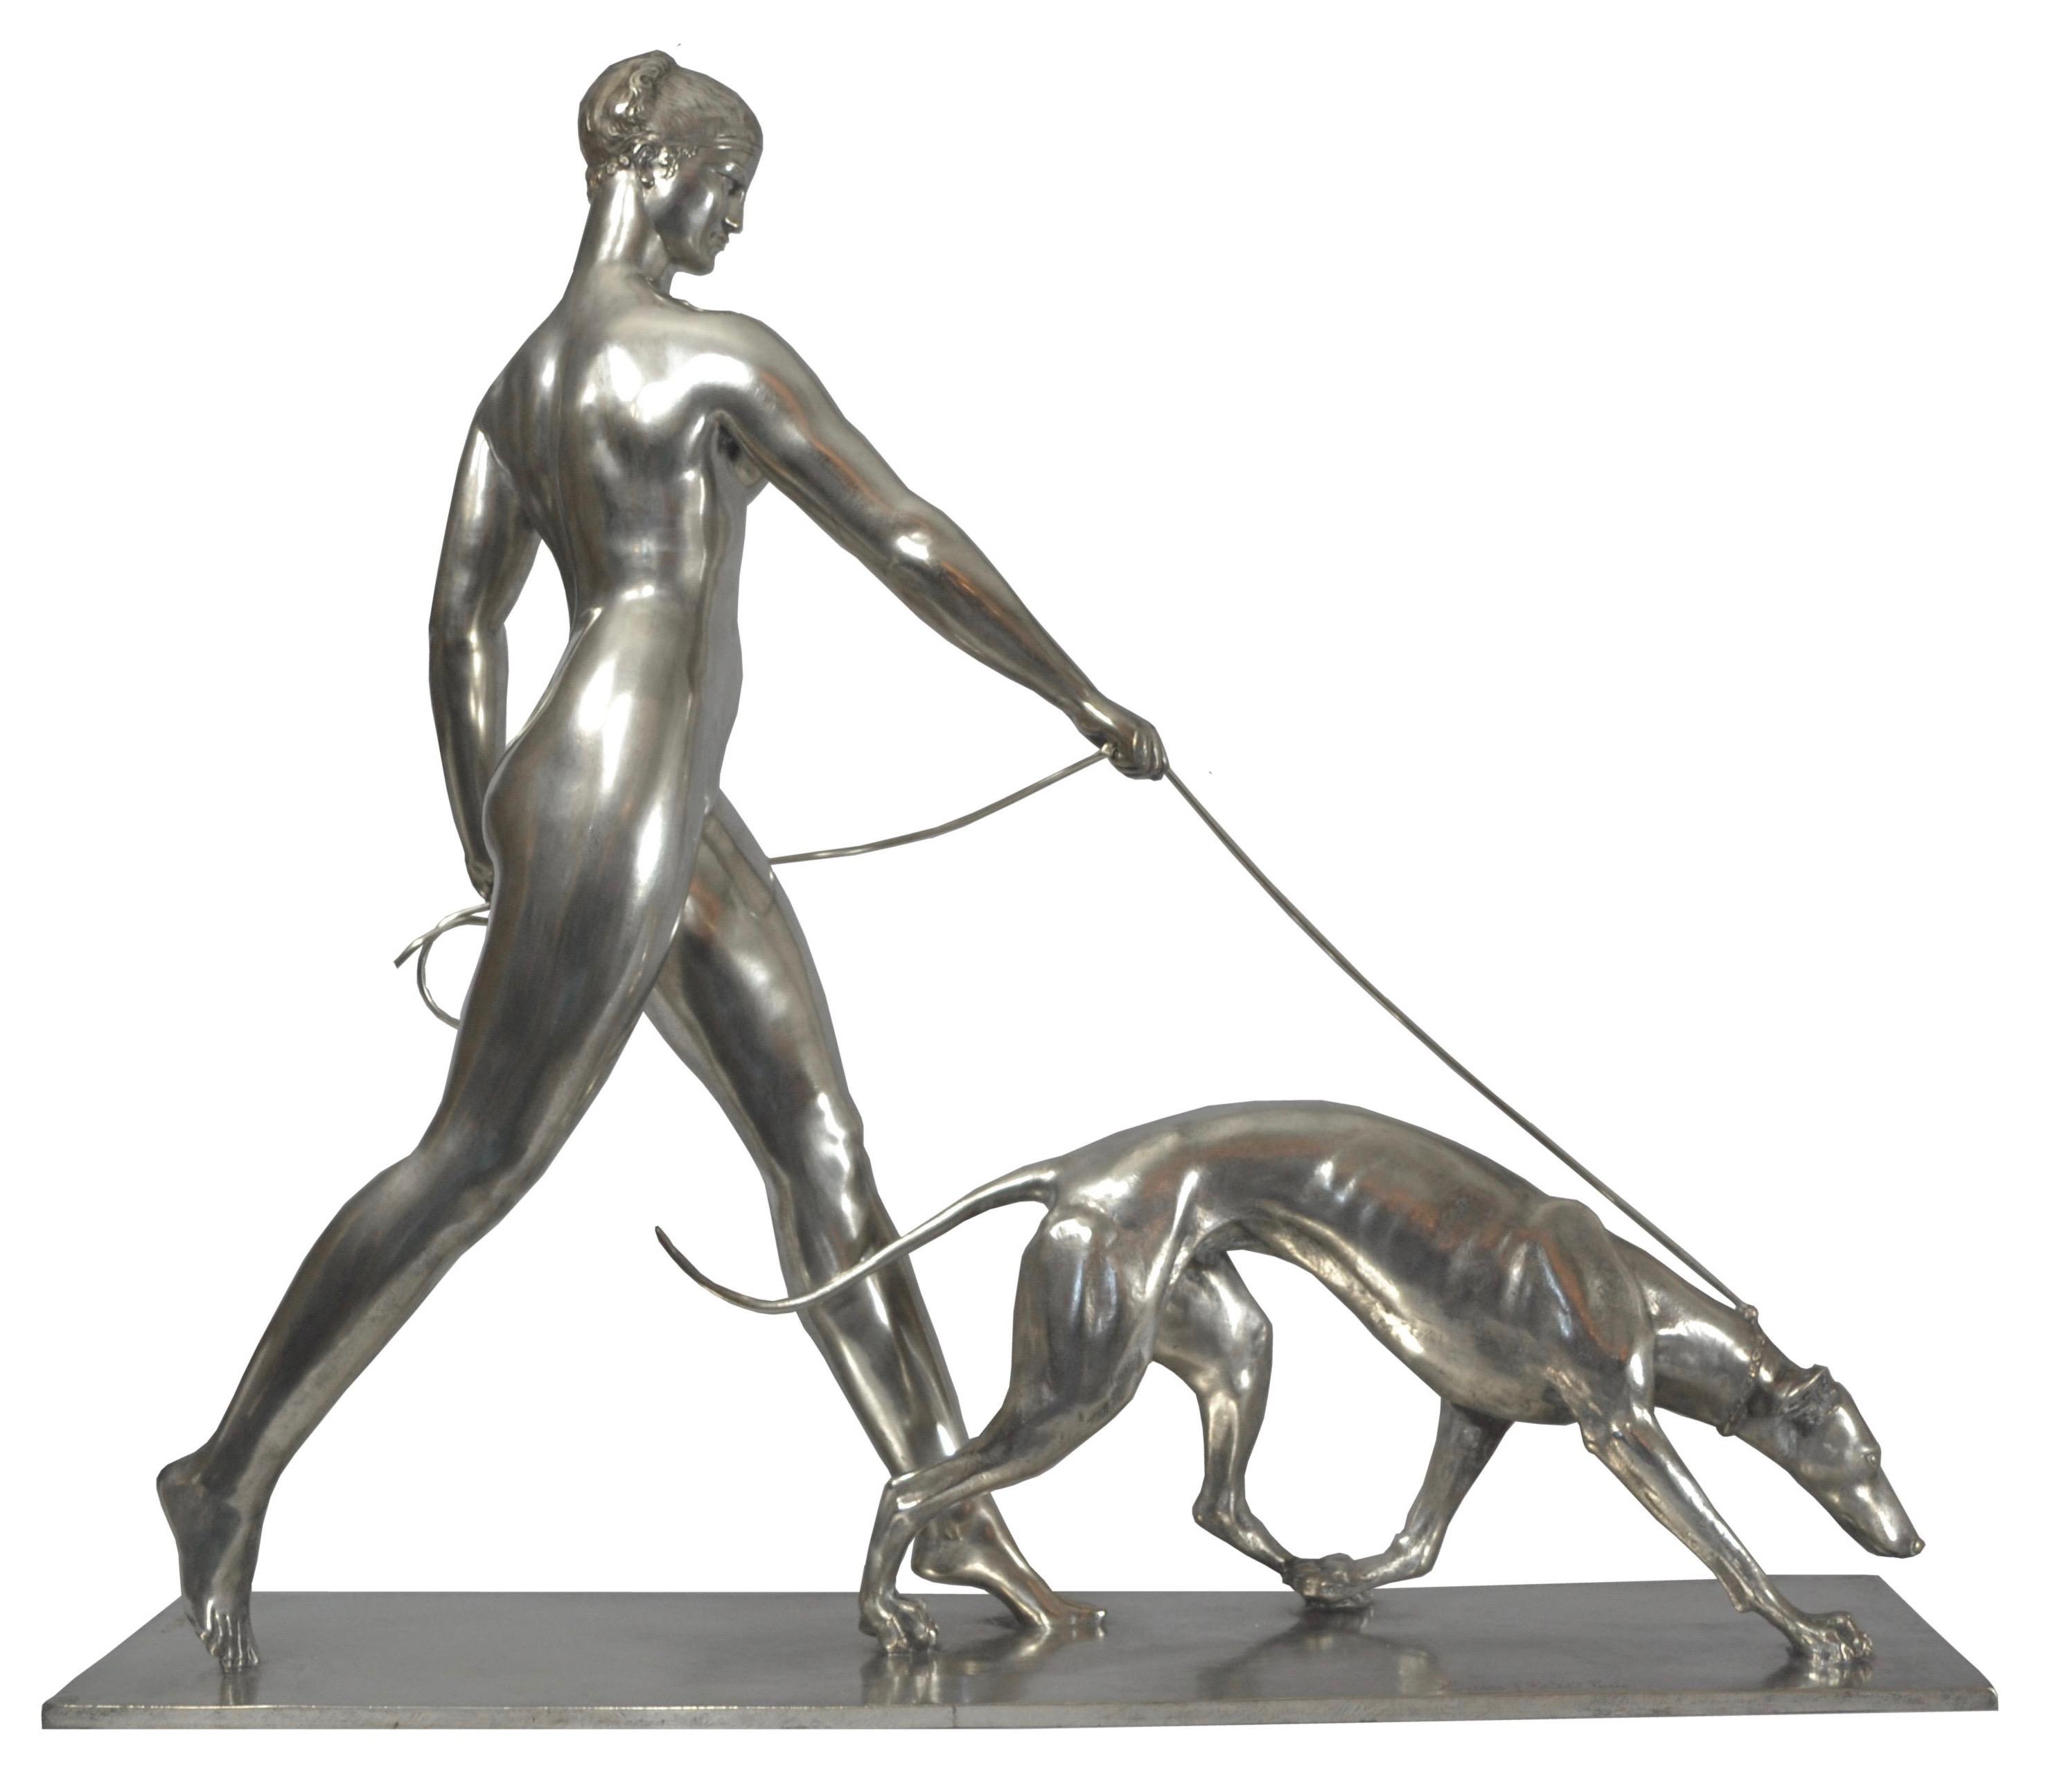 Art Deco Sculpture by Raymond Leon Rivoire Titled 'FEMME AU LEVRIER'